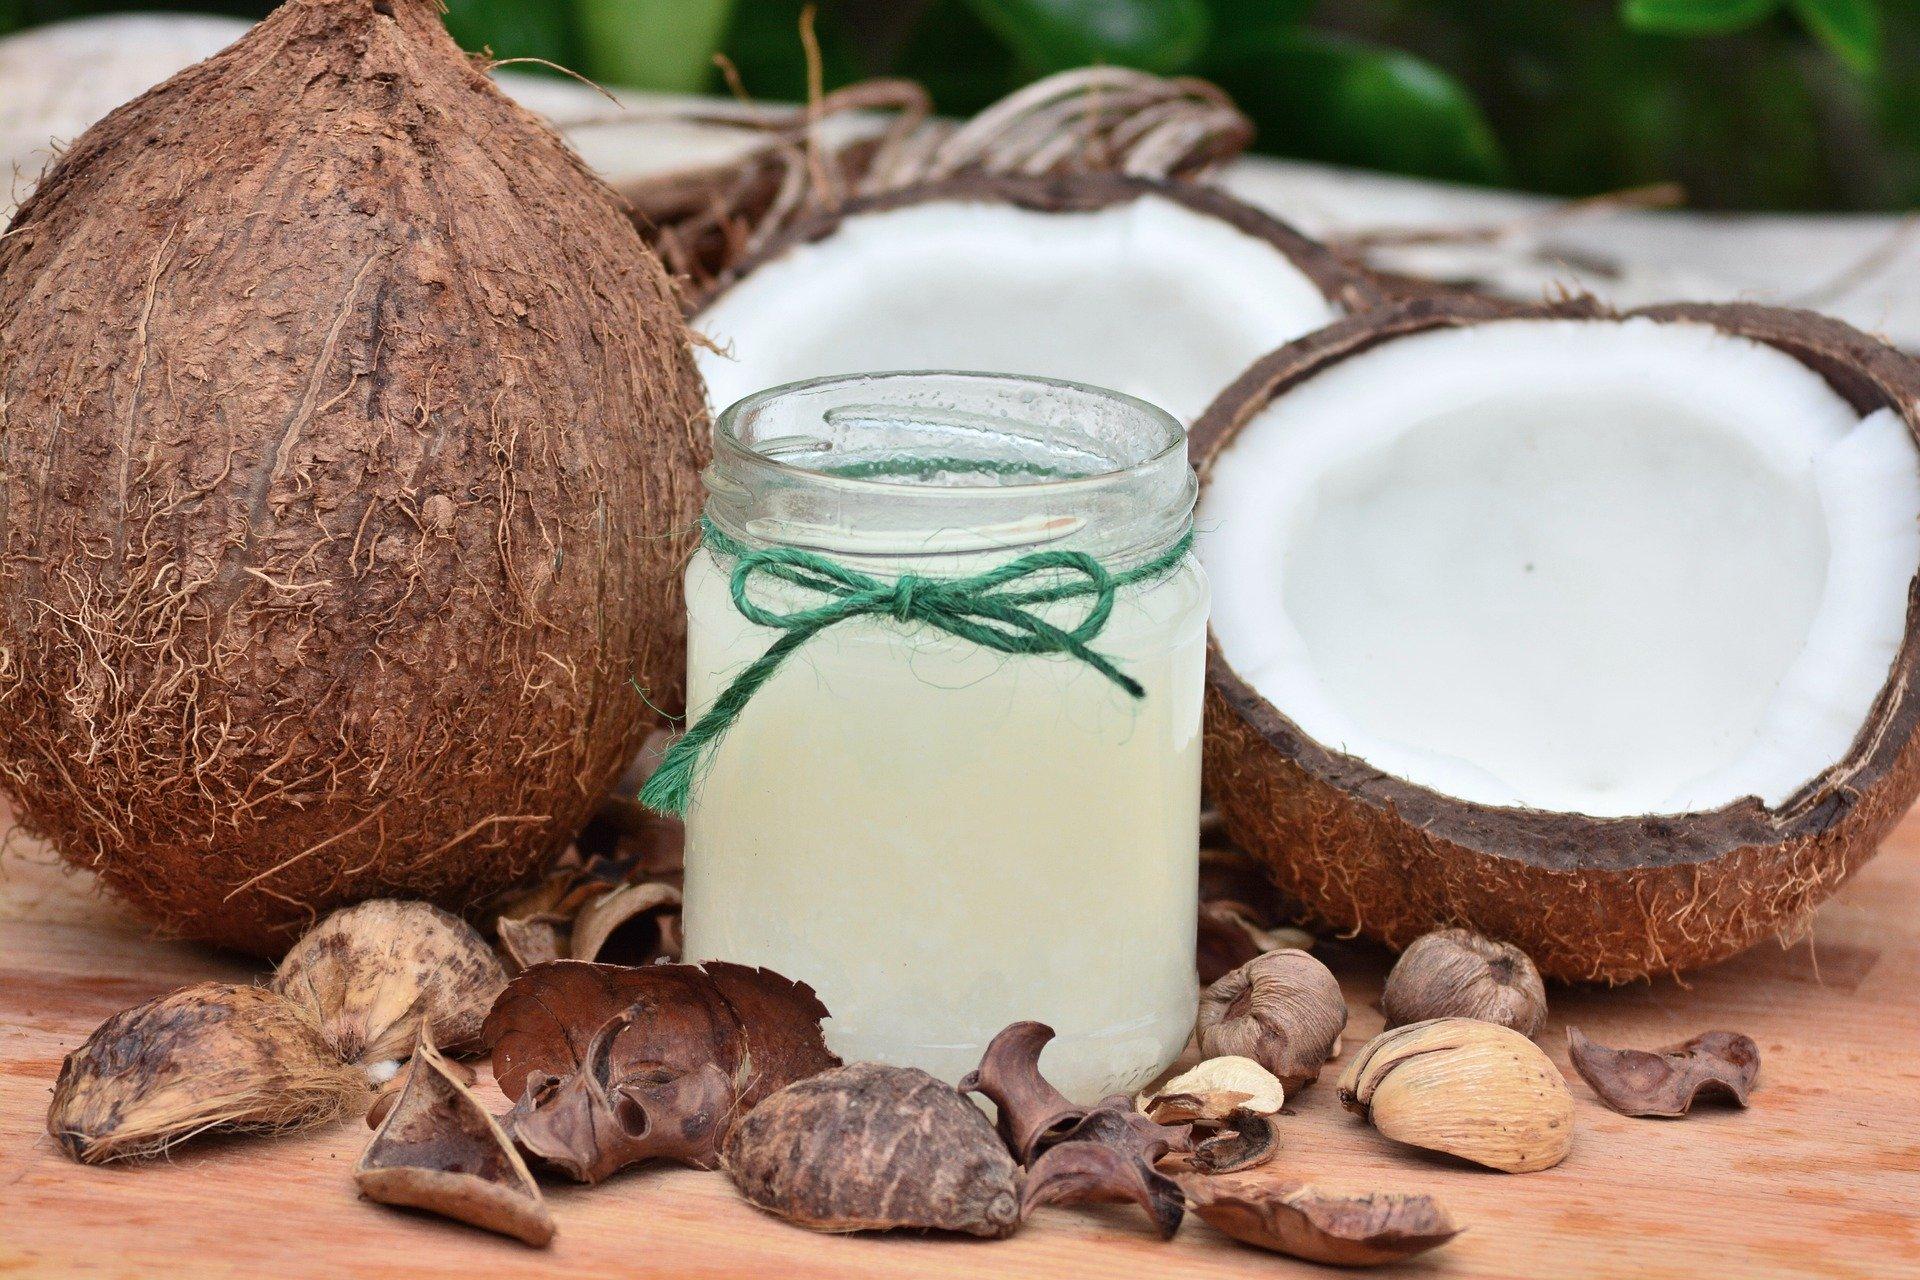 kokosový olej pomáha vybieliť zuby a osviežiť dych